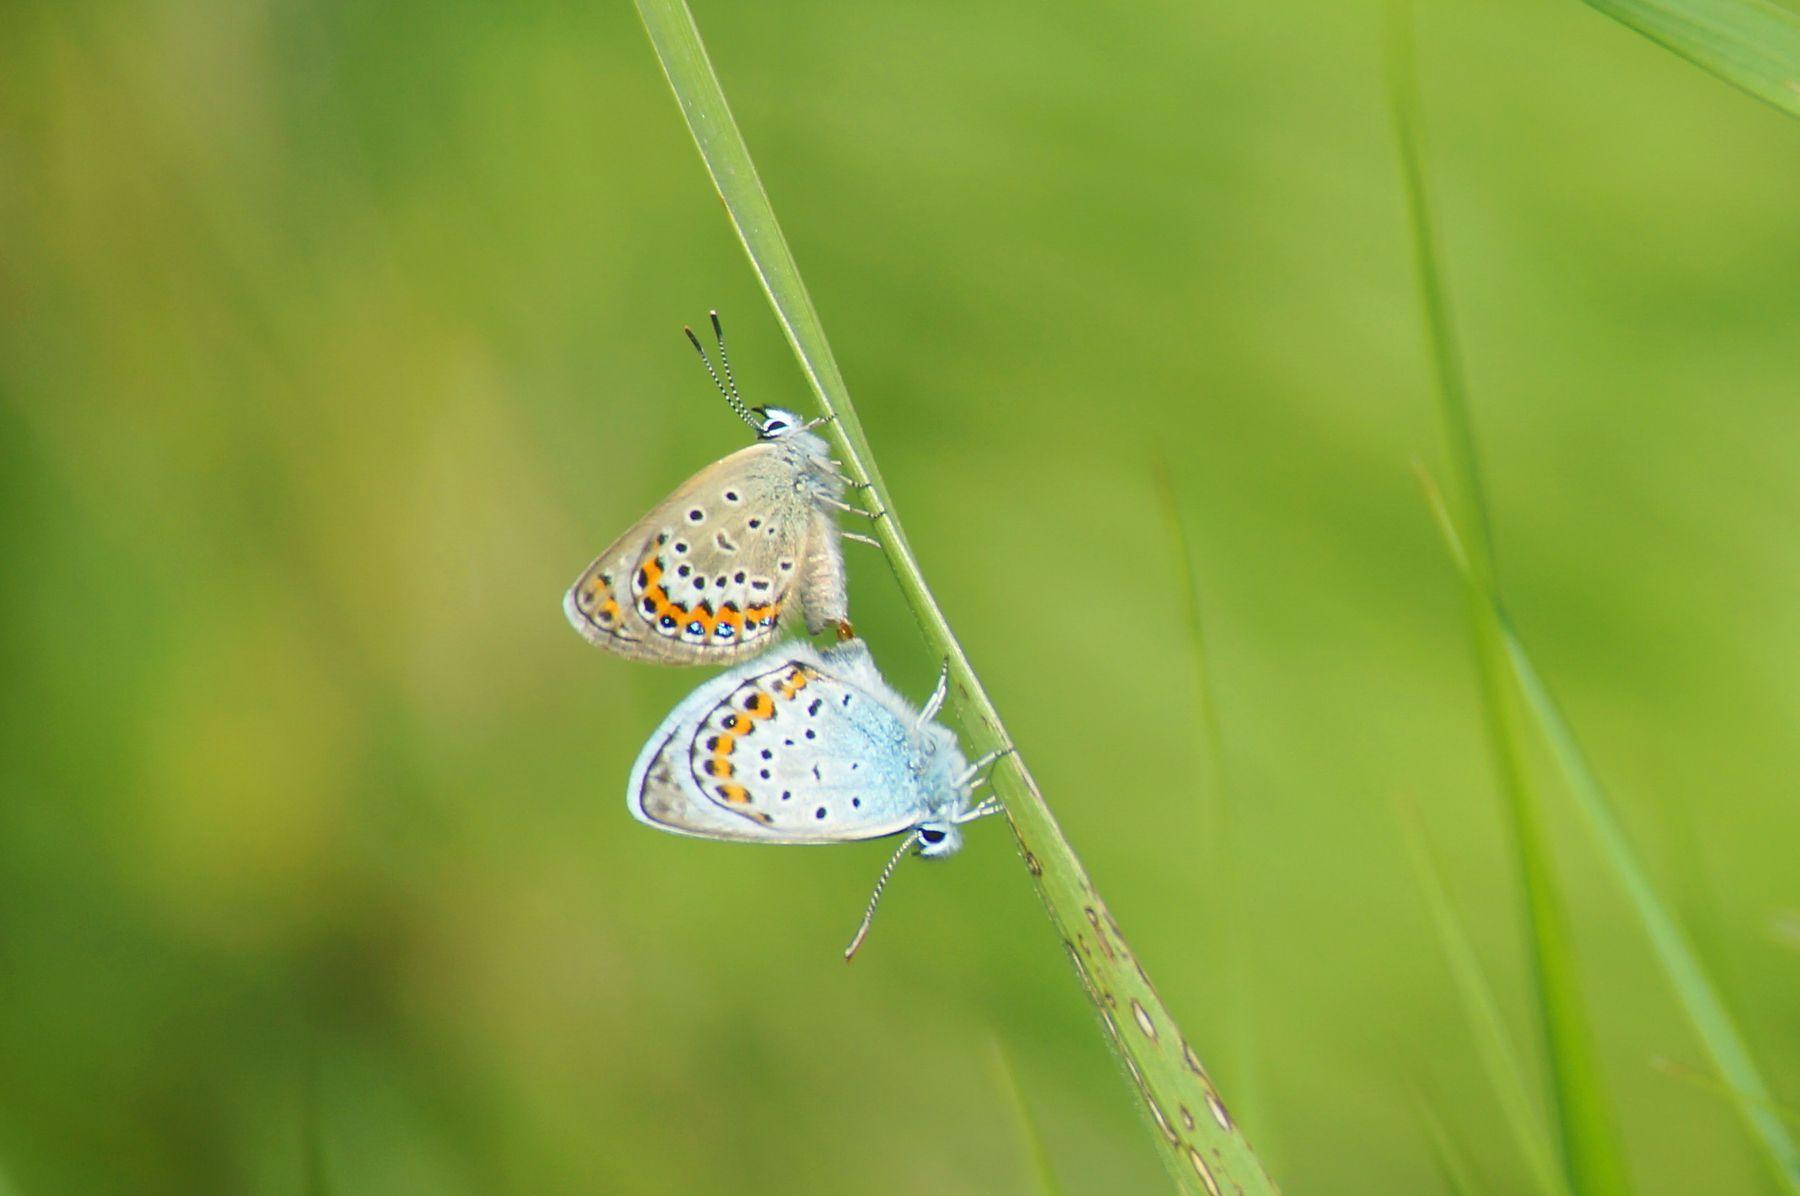 Жизнь продолжается Лето травинка бабочки Волгоград